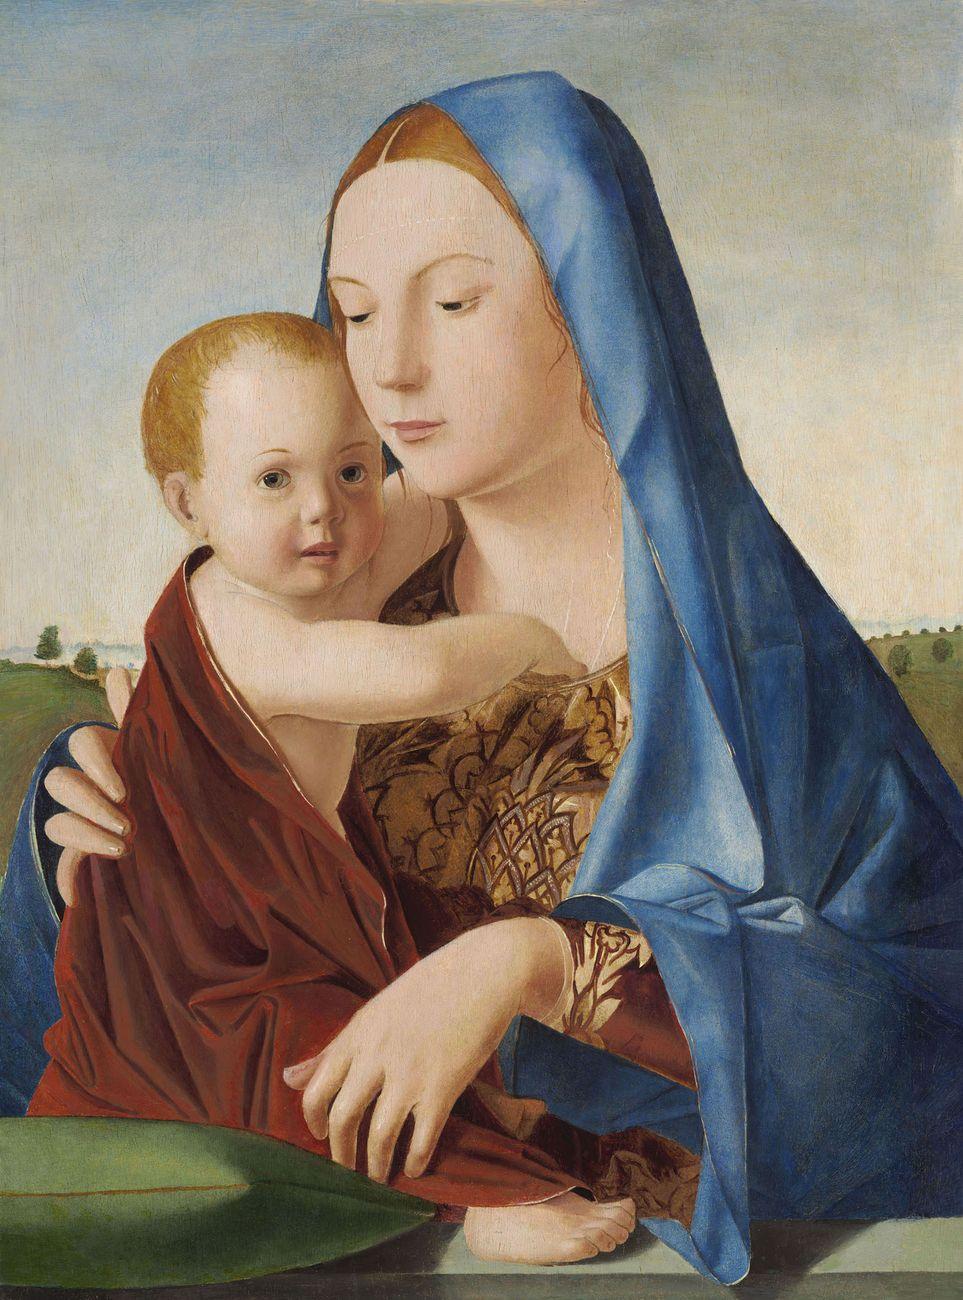 Antonello da Messina, Madonna col Bambino (Madonna Benson), 1475, olio e tempera su tavola trasportata su compensato, 58,1 x 43,2 cm. National Gallery of Art, Washington